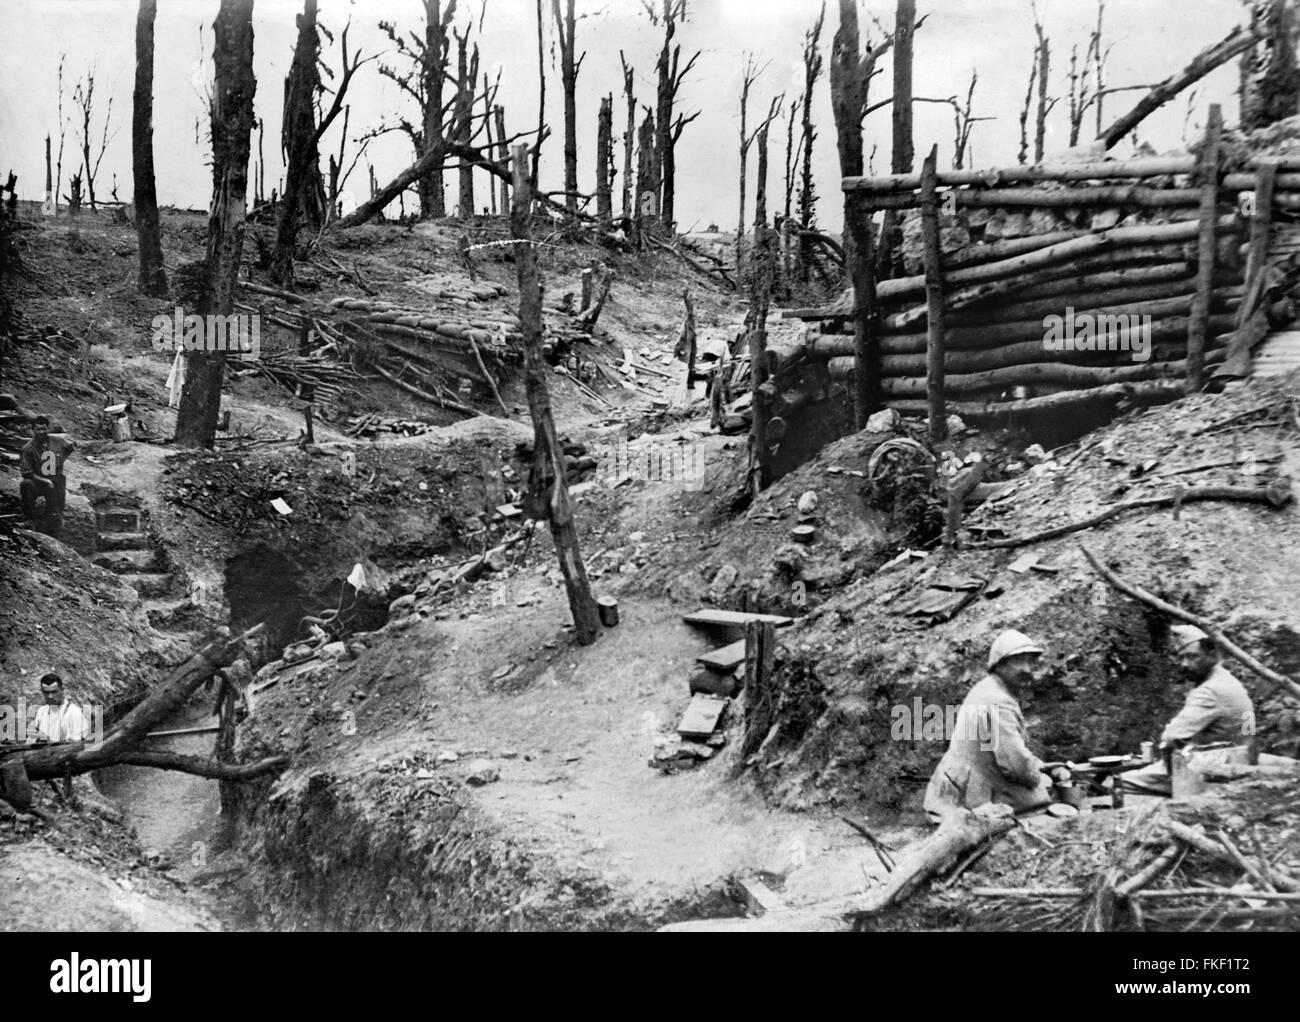 Bataille de la Somme. Tranchées dans la somme pendant la Première Guerre mondiale, c. 1916 Photo Stock